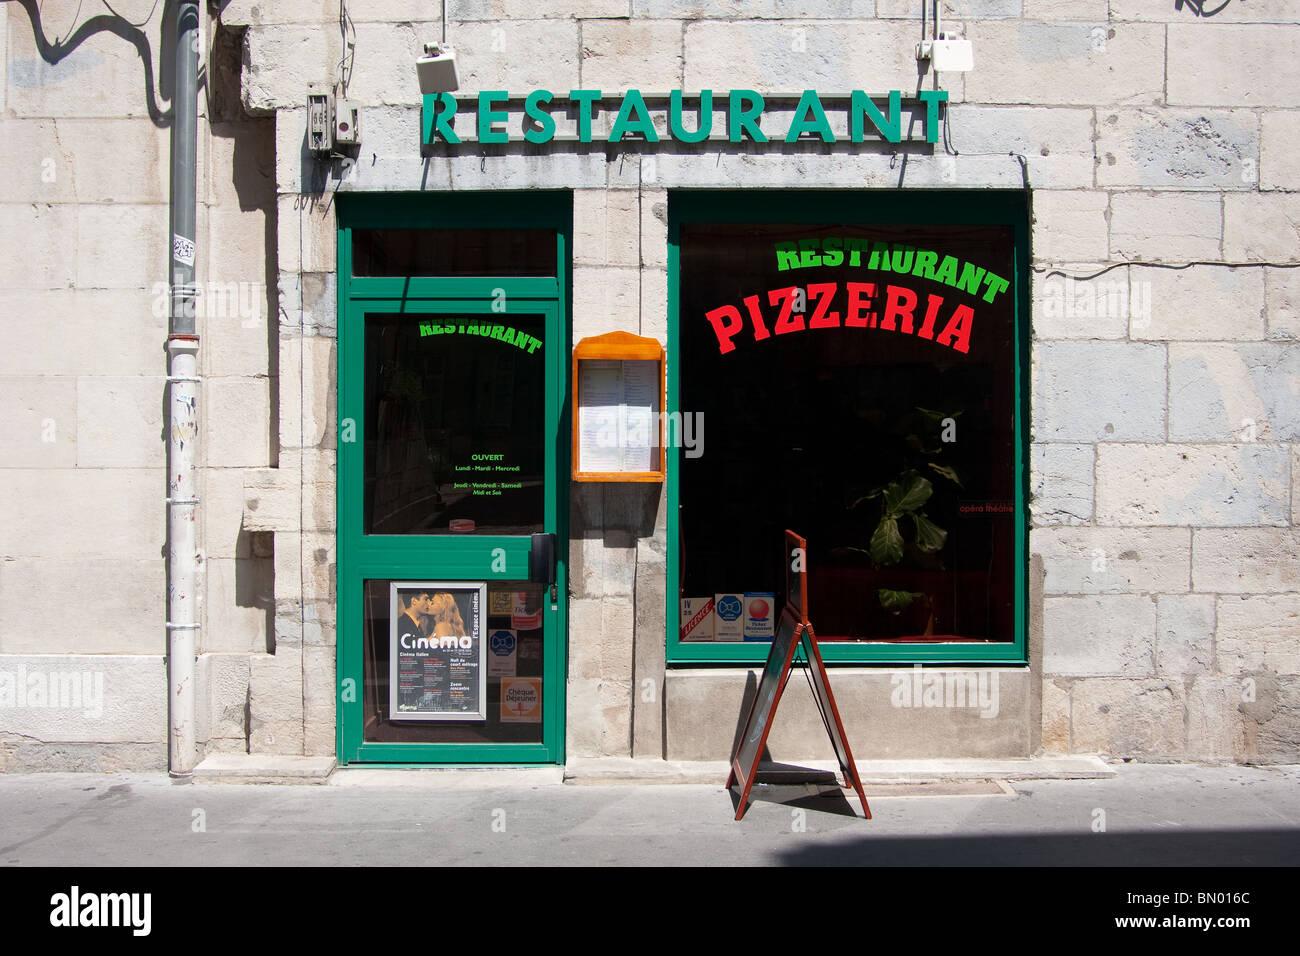 Pizzeria Pizza Restaurant Shop Front Door Doorway Stock Photo